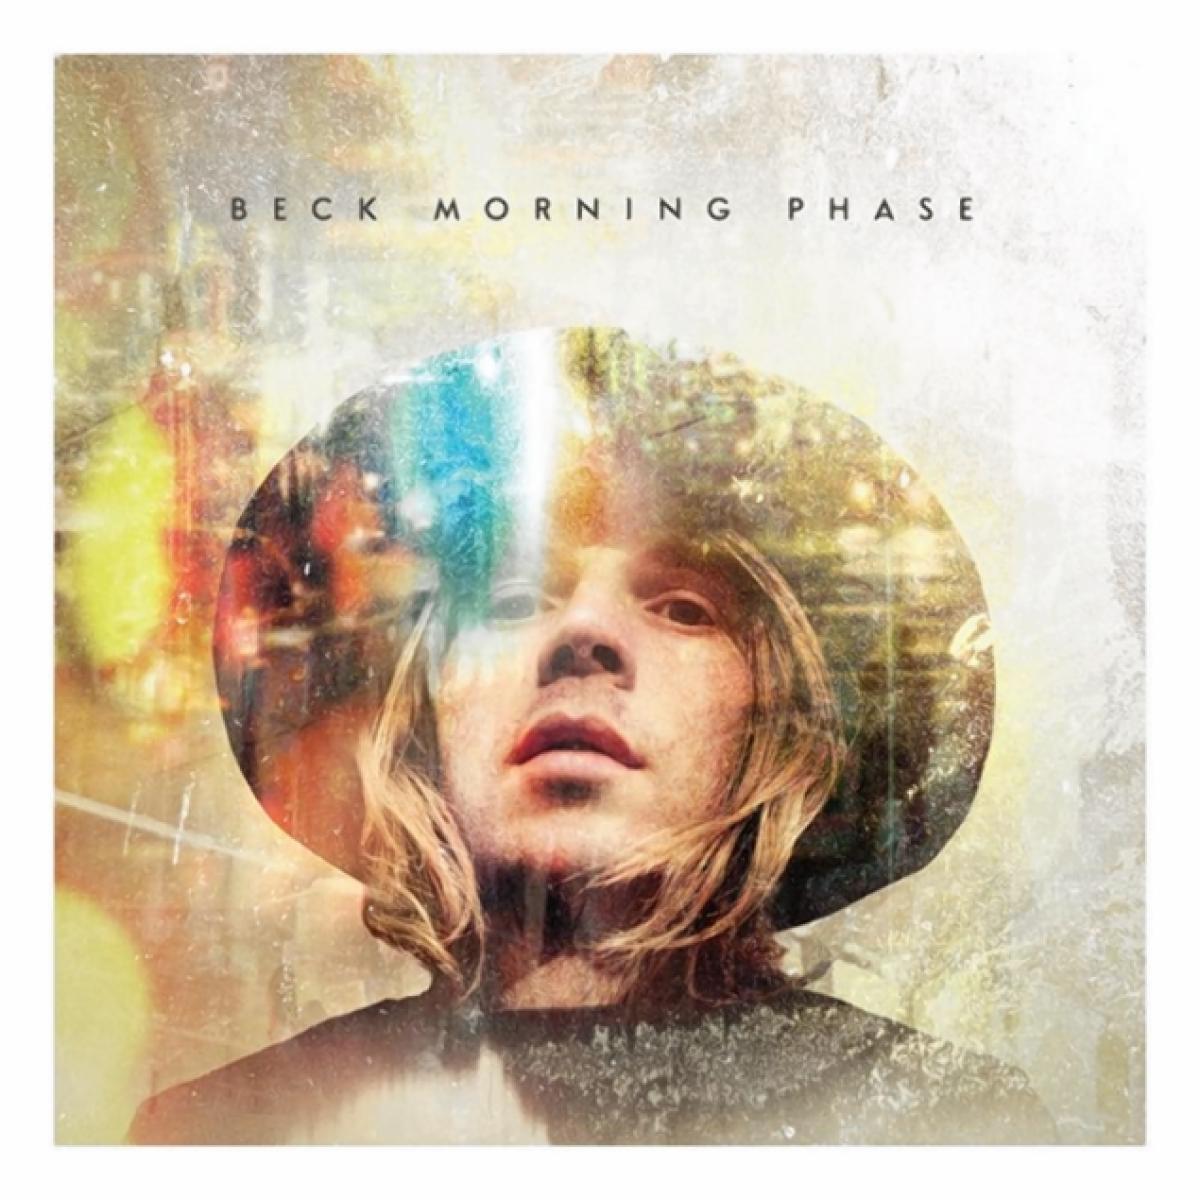 Beck: Morning Phase |Manlihood.com Music Review